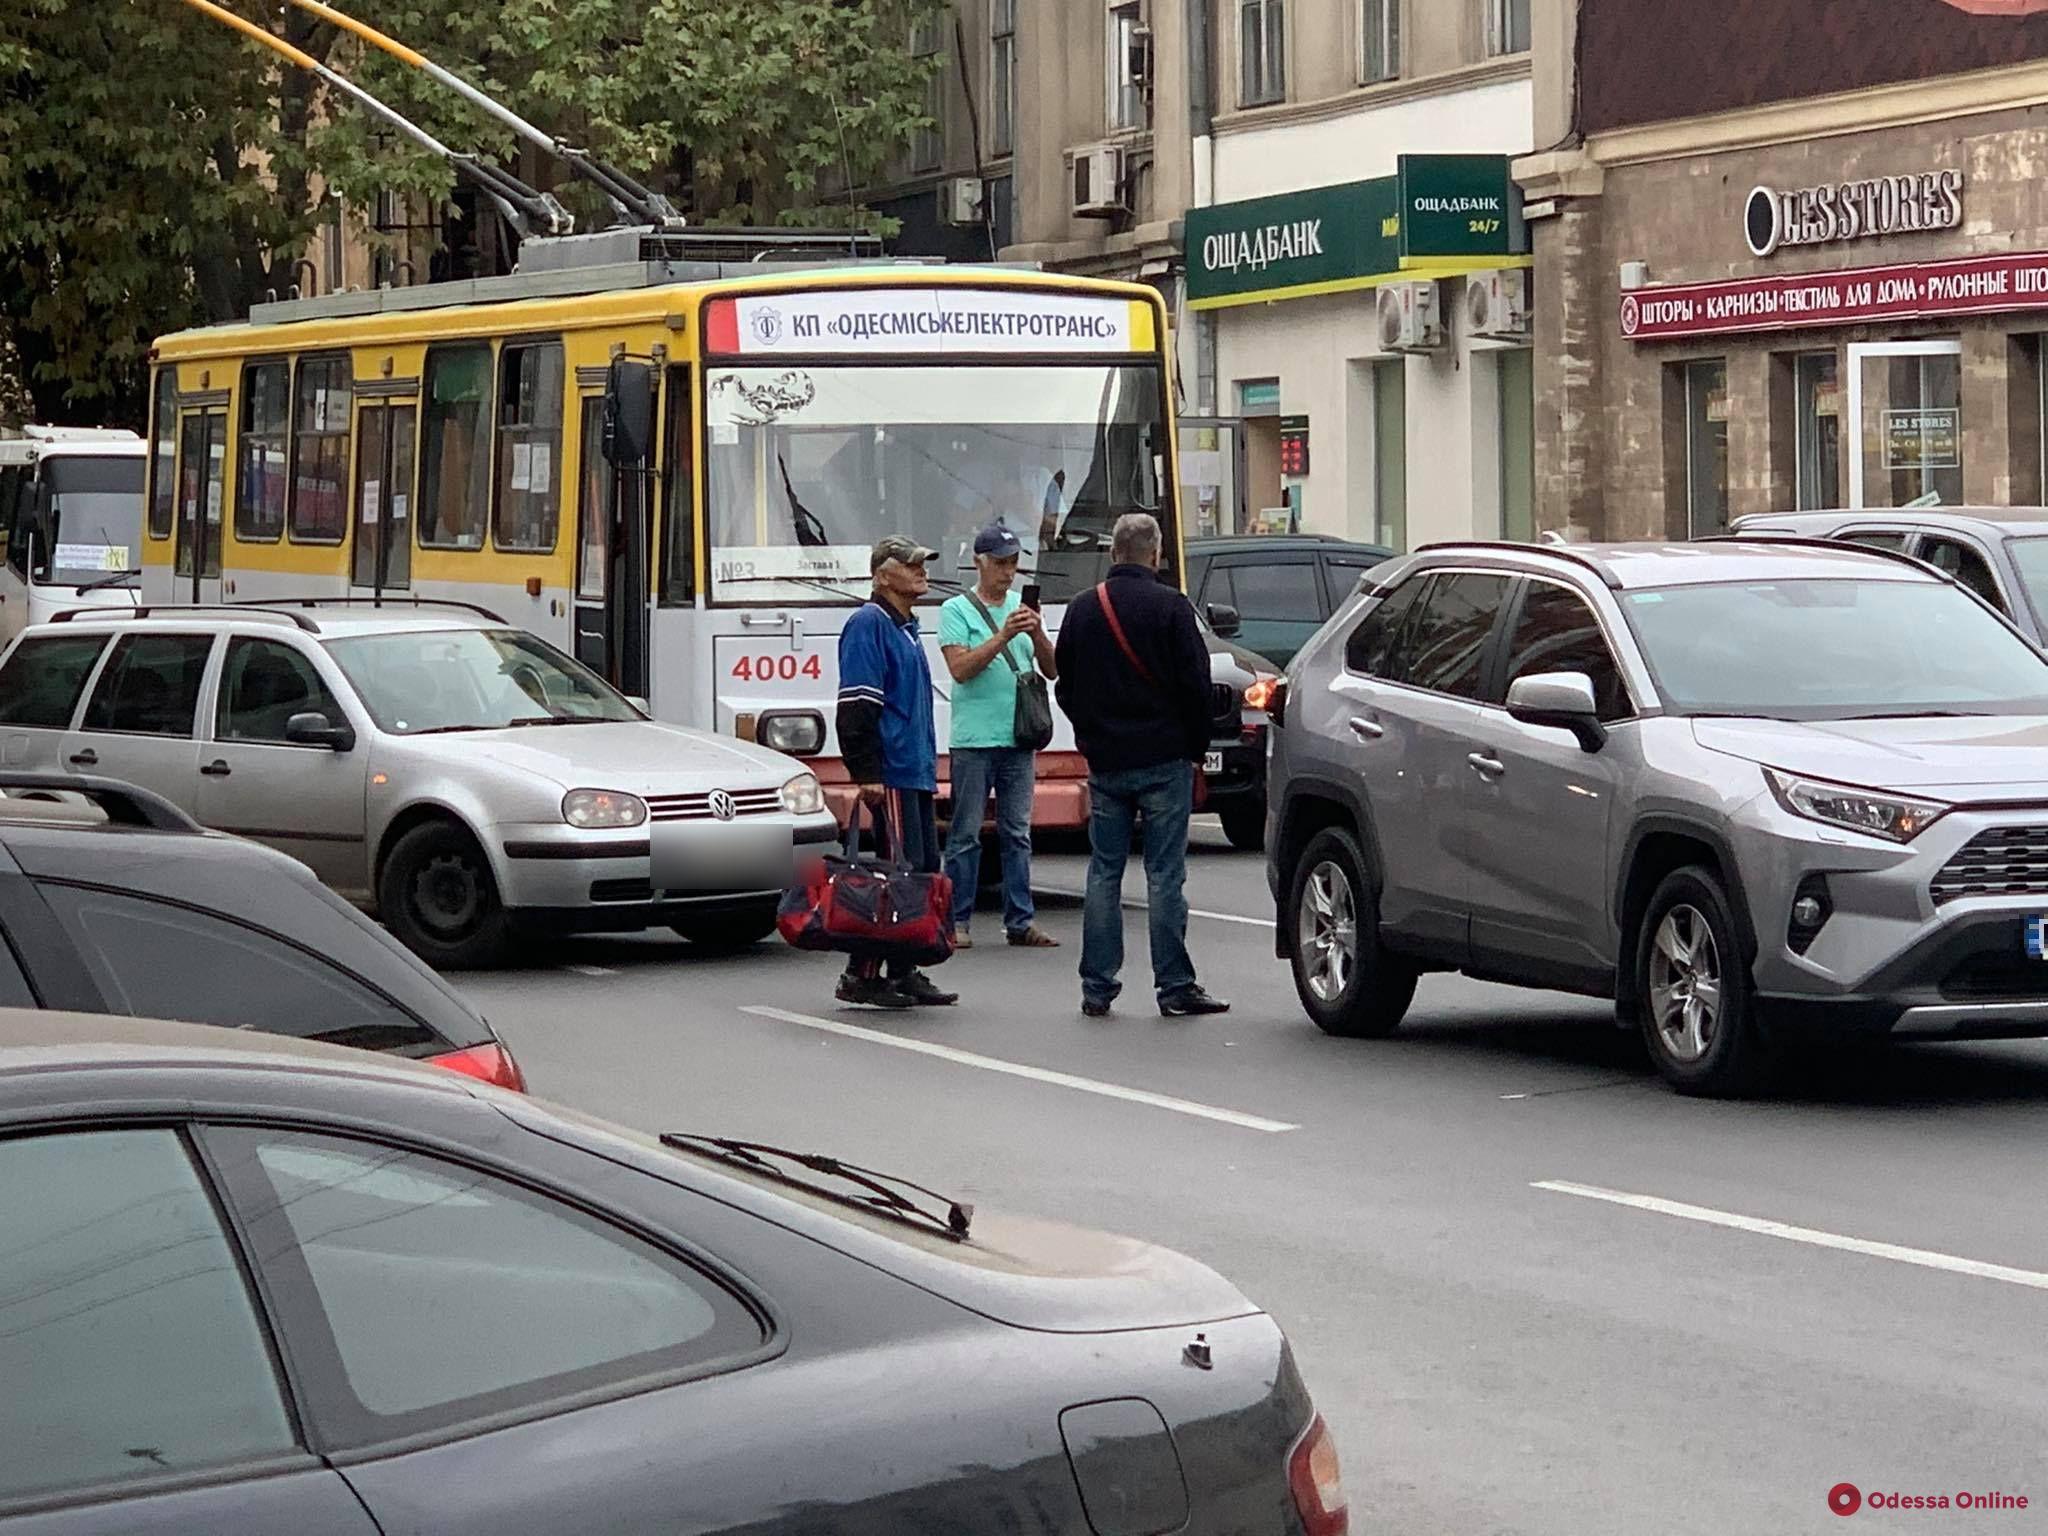 Из-за ДТП в центре Одессы образовалась серьезная пробка — не ходят троллейбусы по трем маршрутам